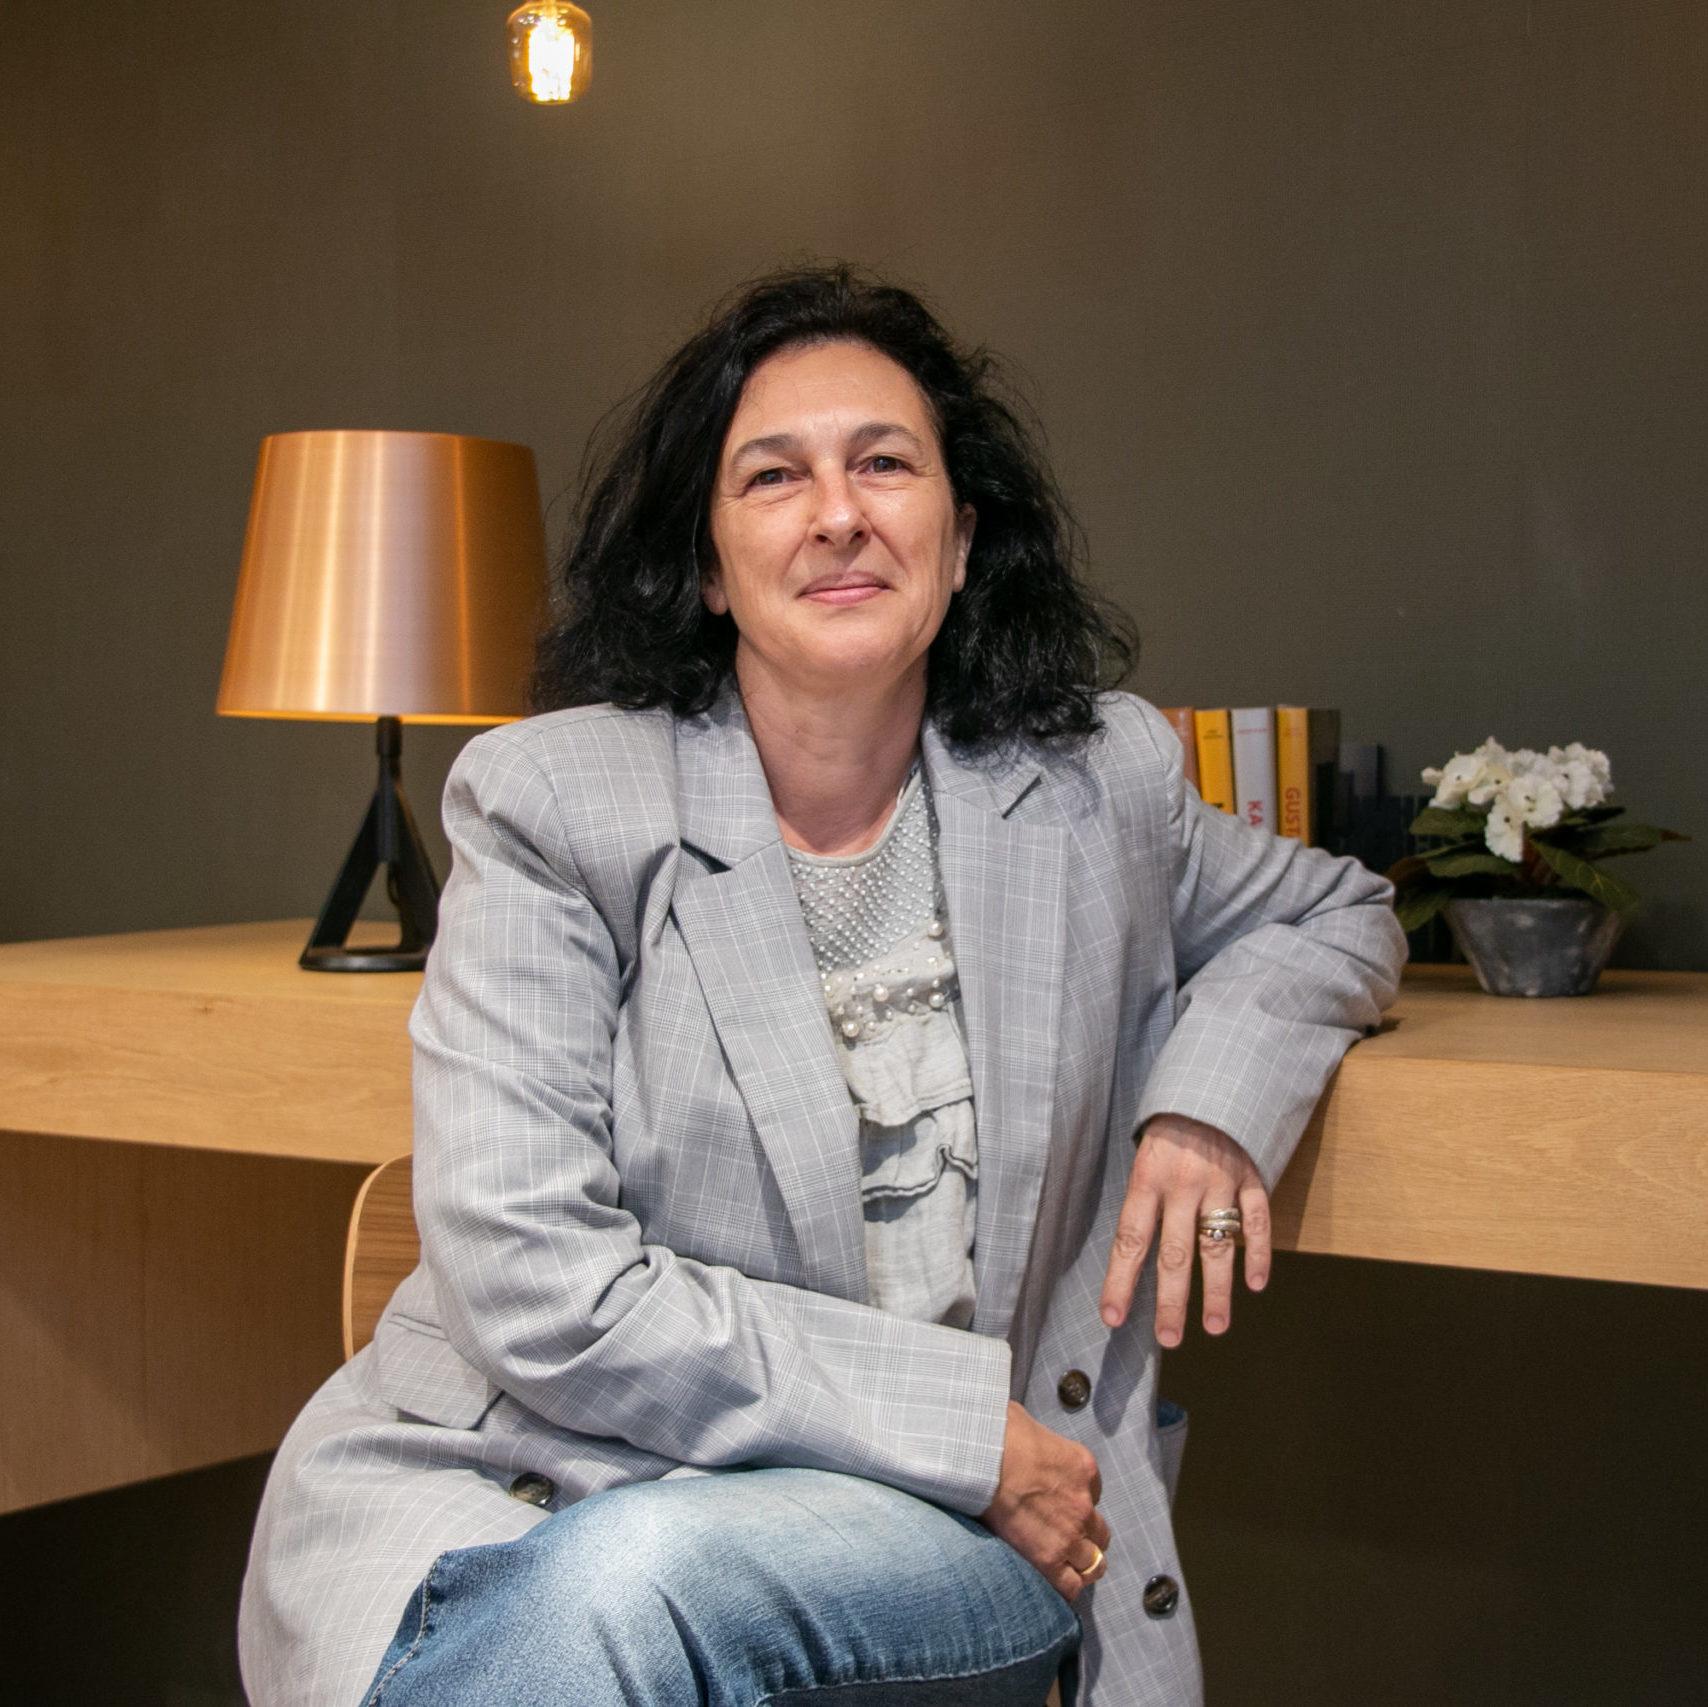 Mariela Maisonave